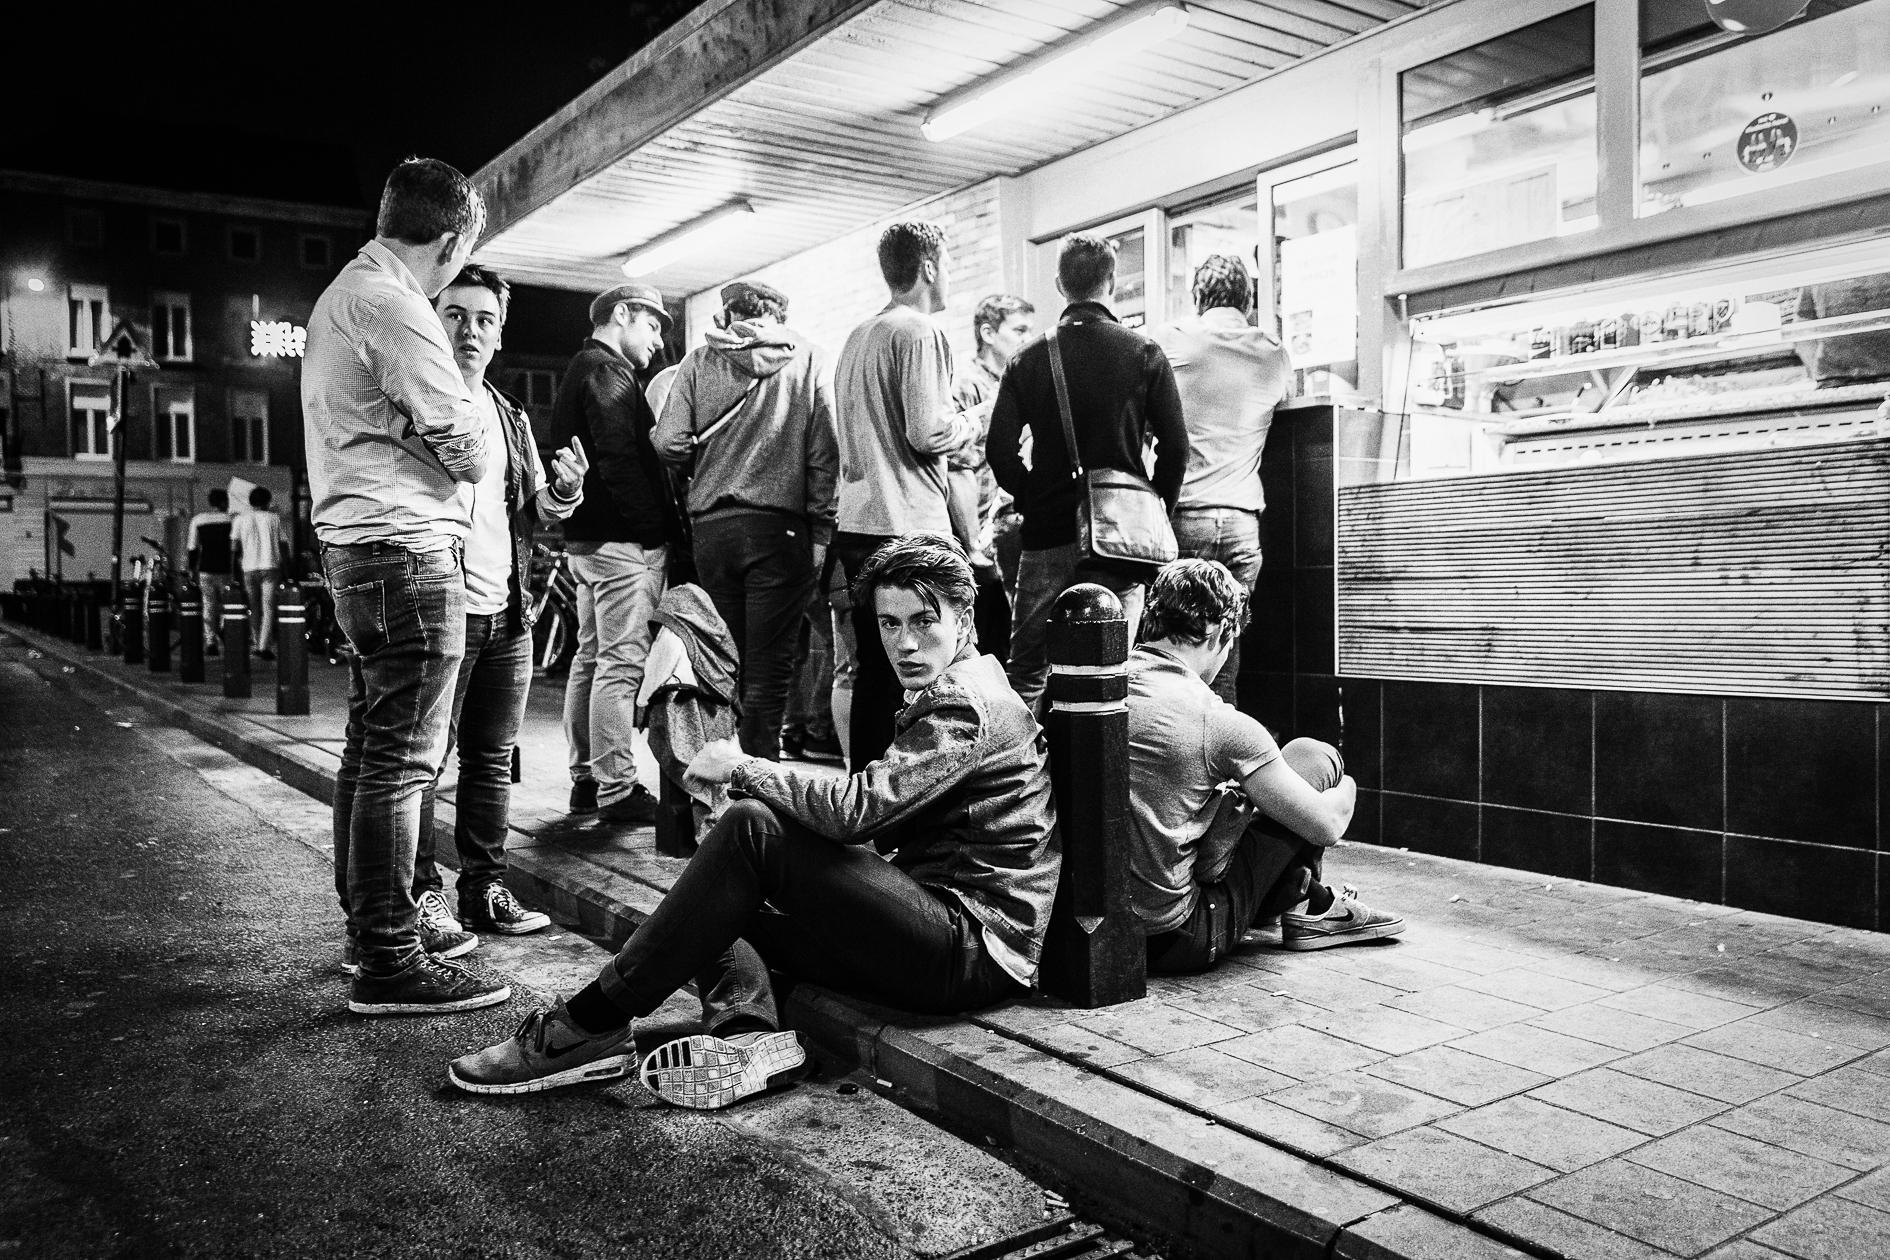 De verse lading studenten in Gent